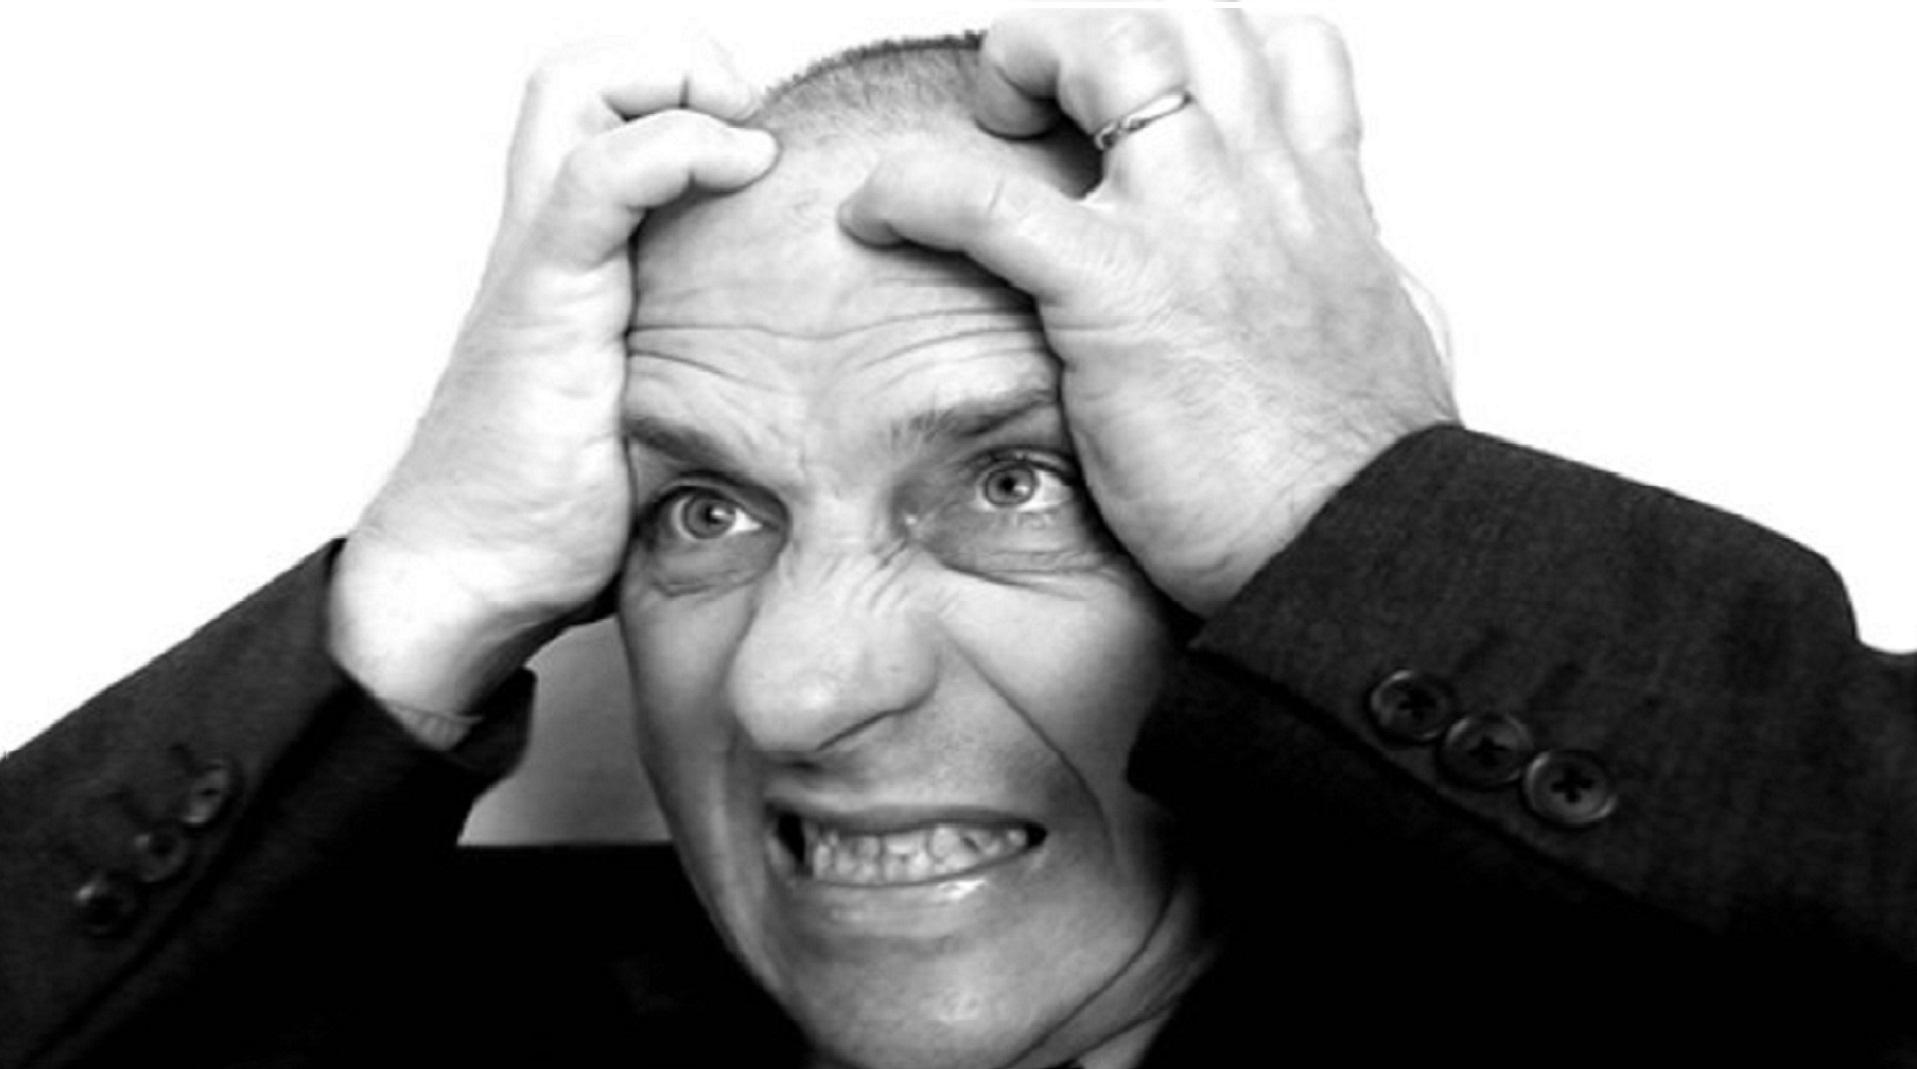 Frustrierter Glatzkopf beißt die Zähne zusammen und gräbt seine Finger in seine Kopfhaut